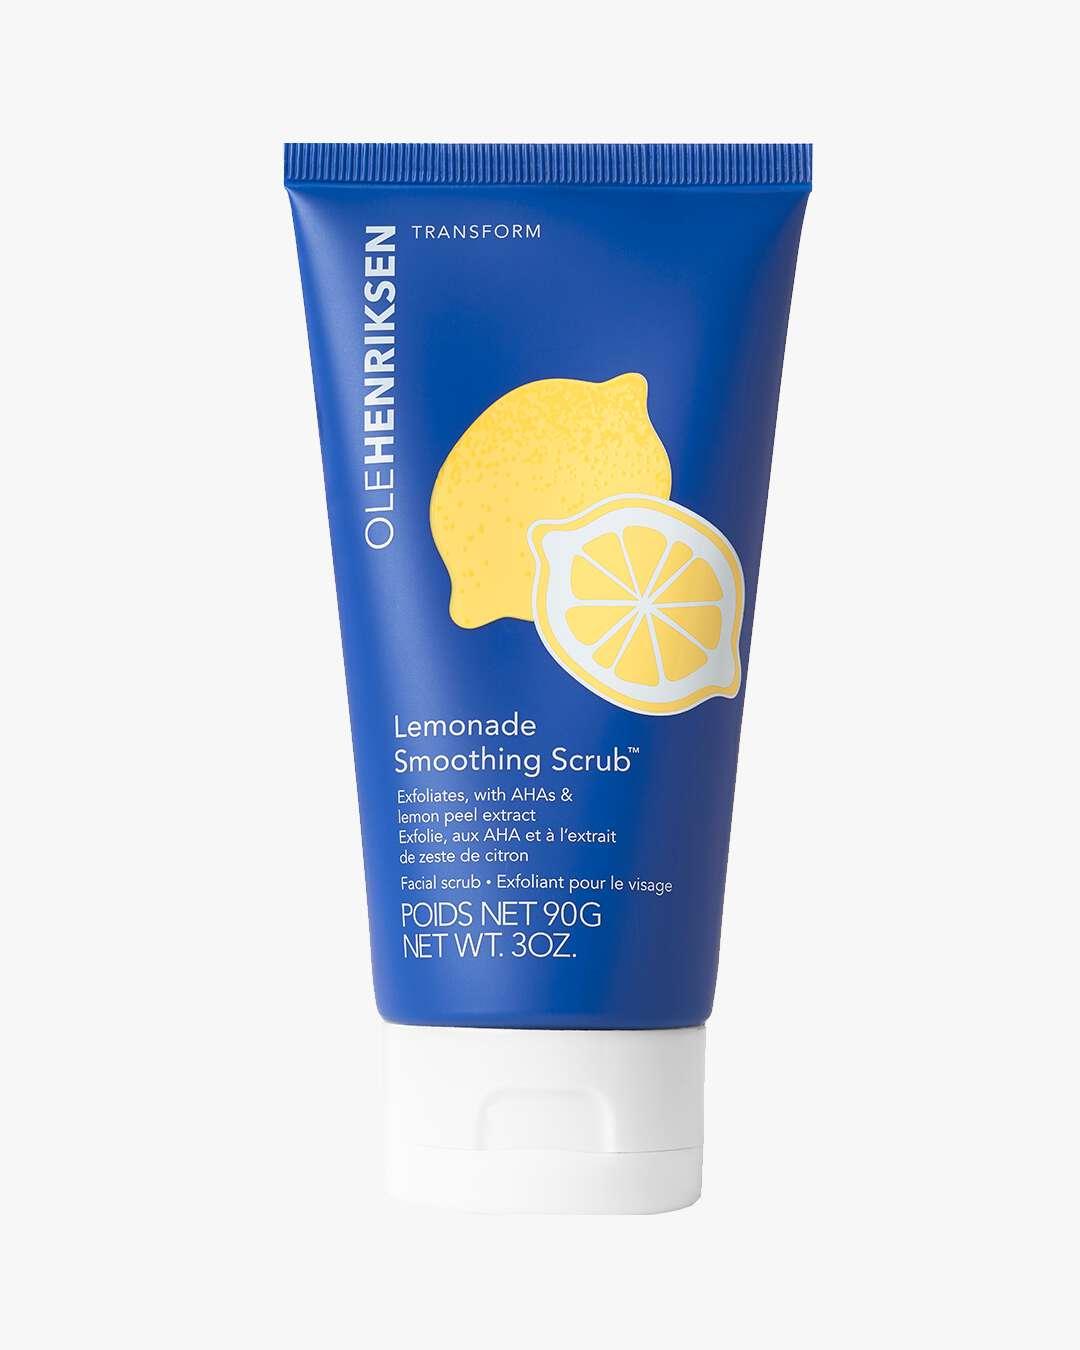 Produktbilde for Lemonade Smoothing Scrub 90g hos Fredrik & Louisa